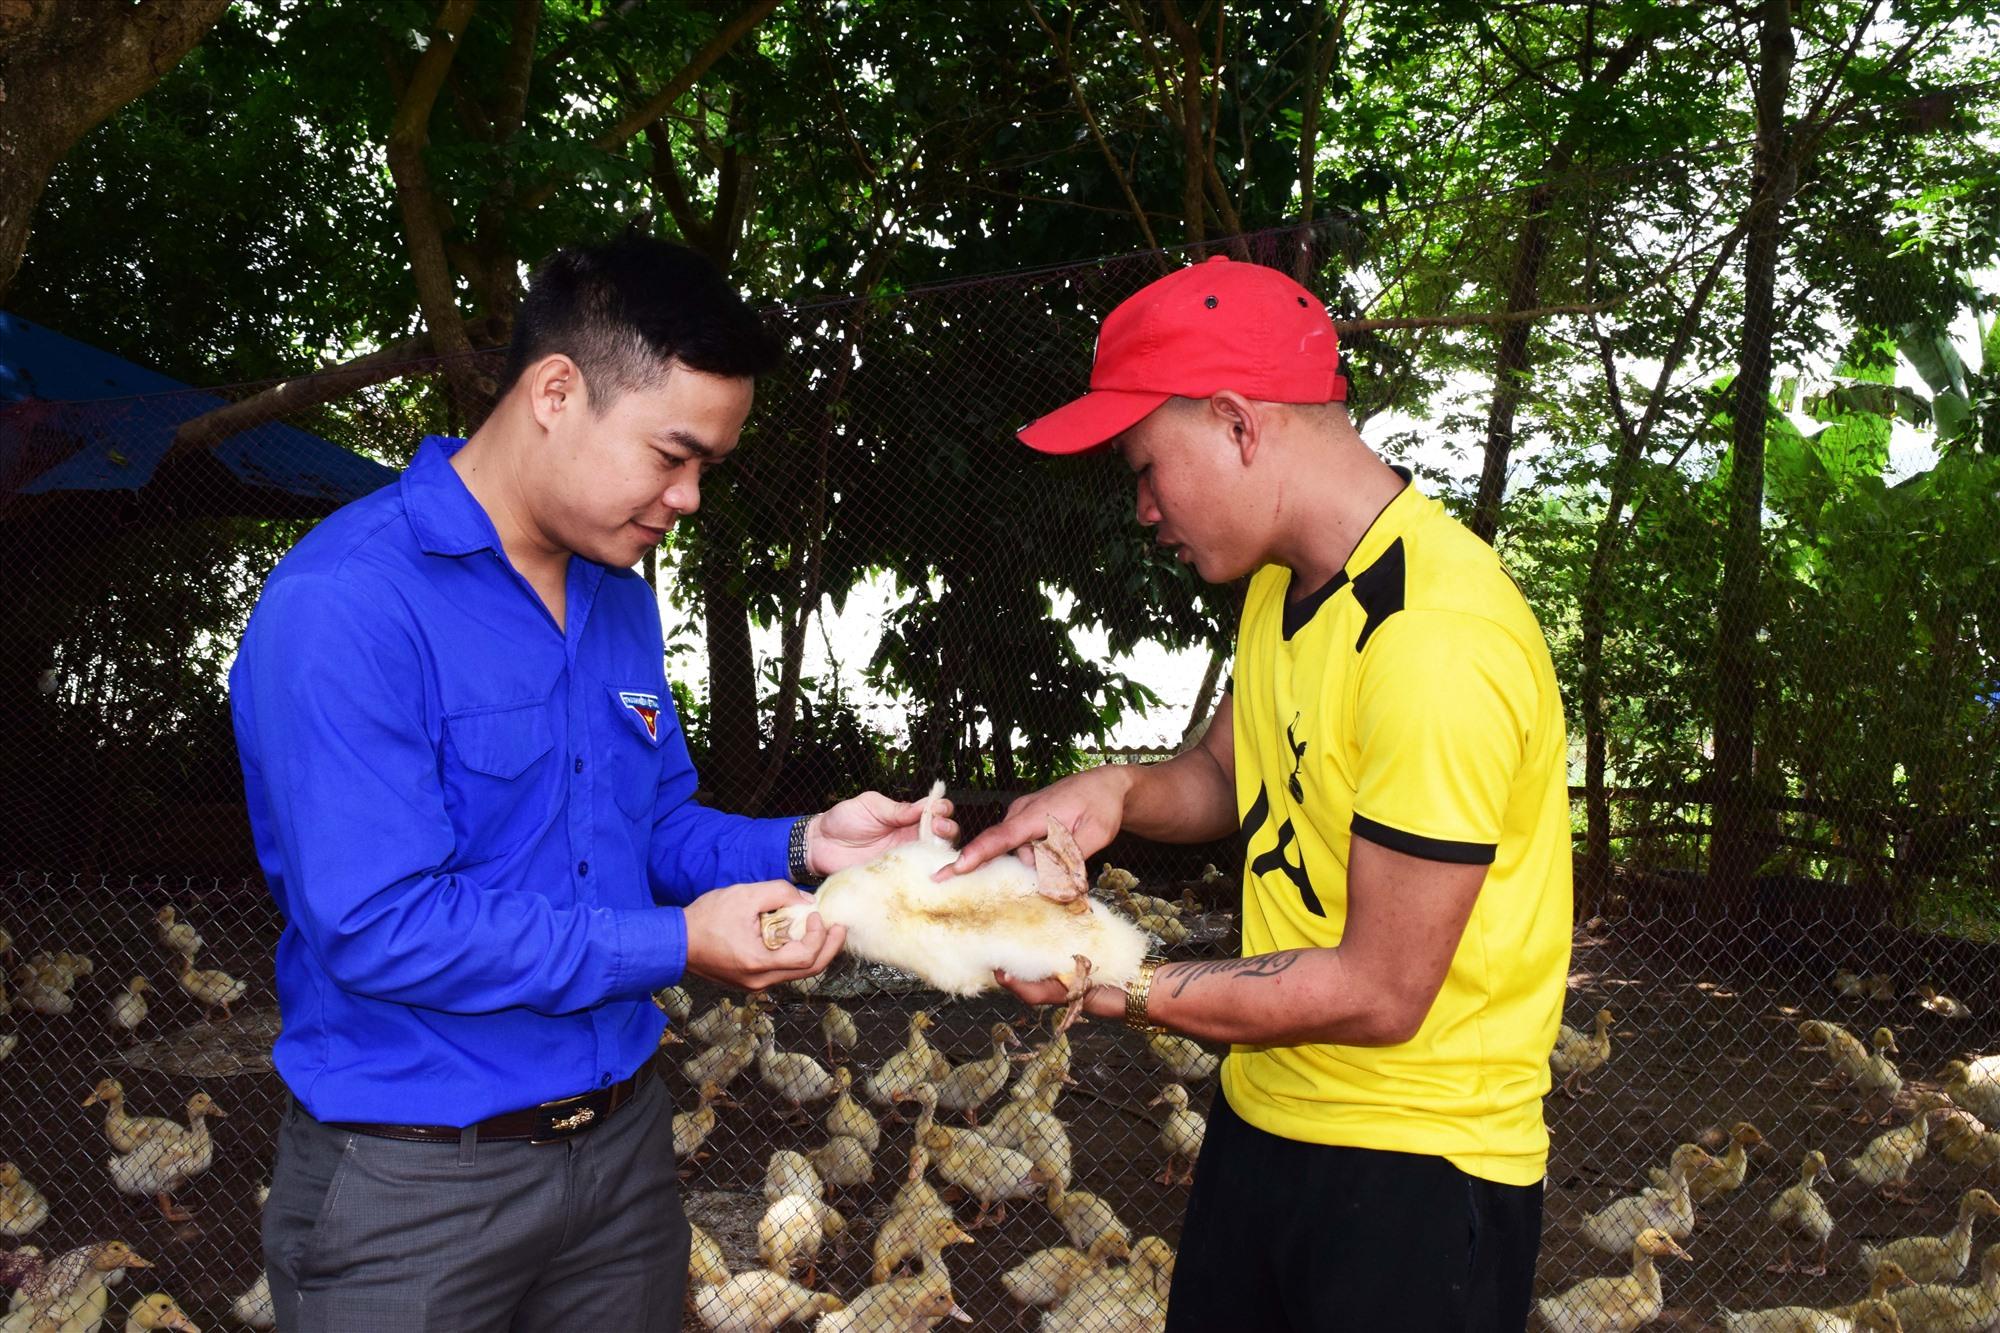 Anh Phan Văn Minh tạo cầu nối giúp đỡ thanh niên lập nghiệp tại quê nhà. Ảnh: THÁI CƯỜNG